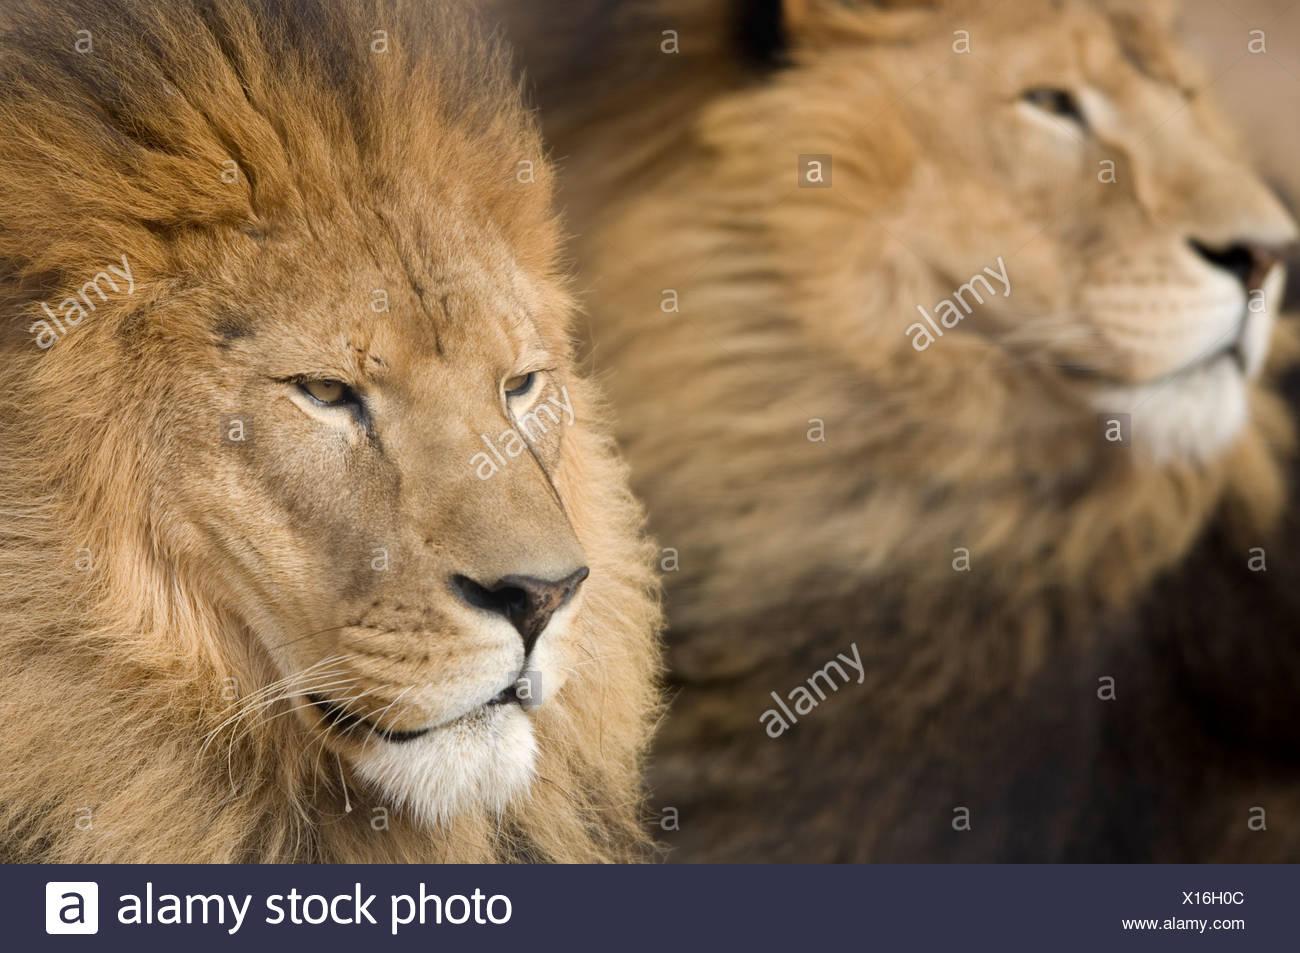 L'Afrique de l'homme lions (Panthera leo) dans les collines de la faune Aventure. Photo Stock